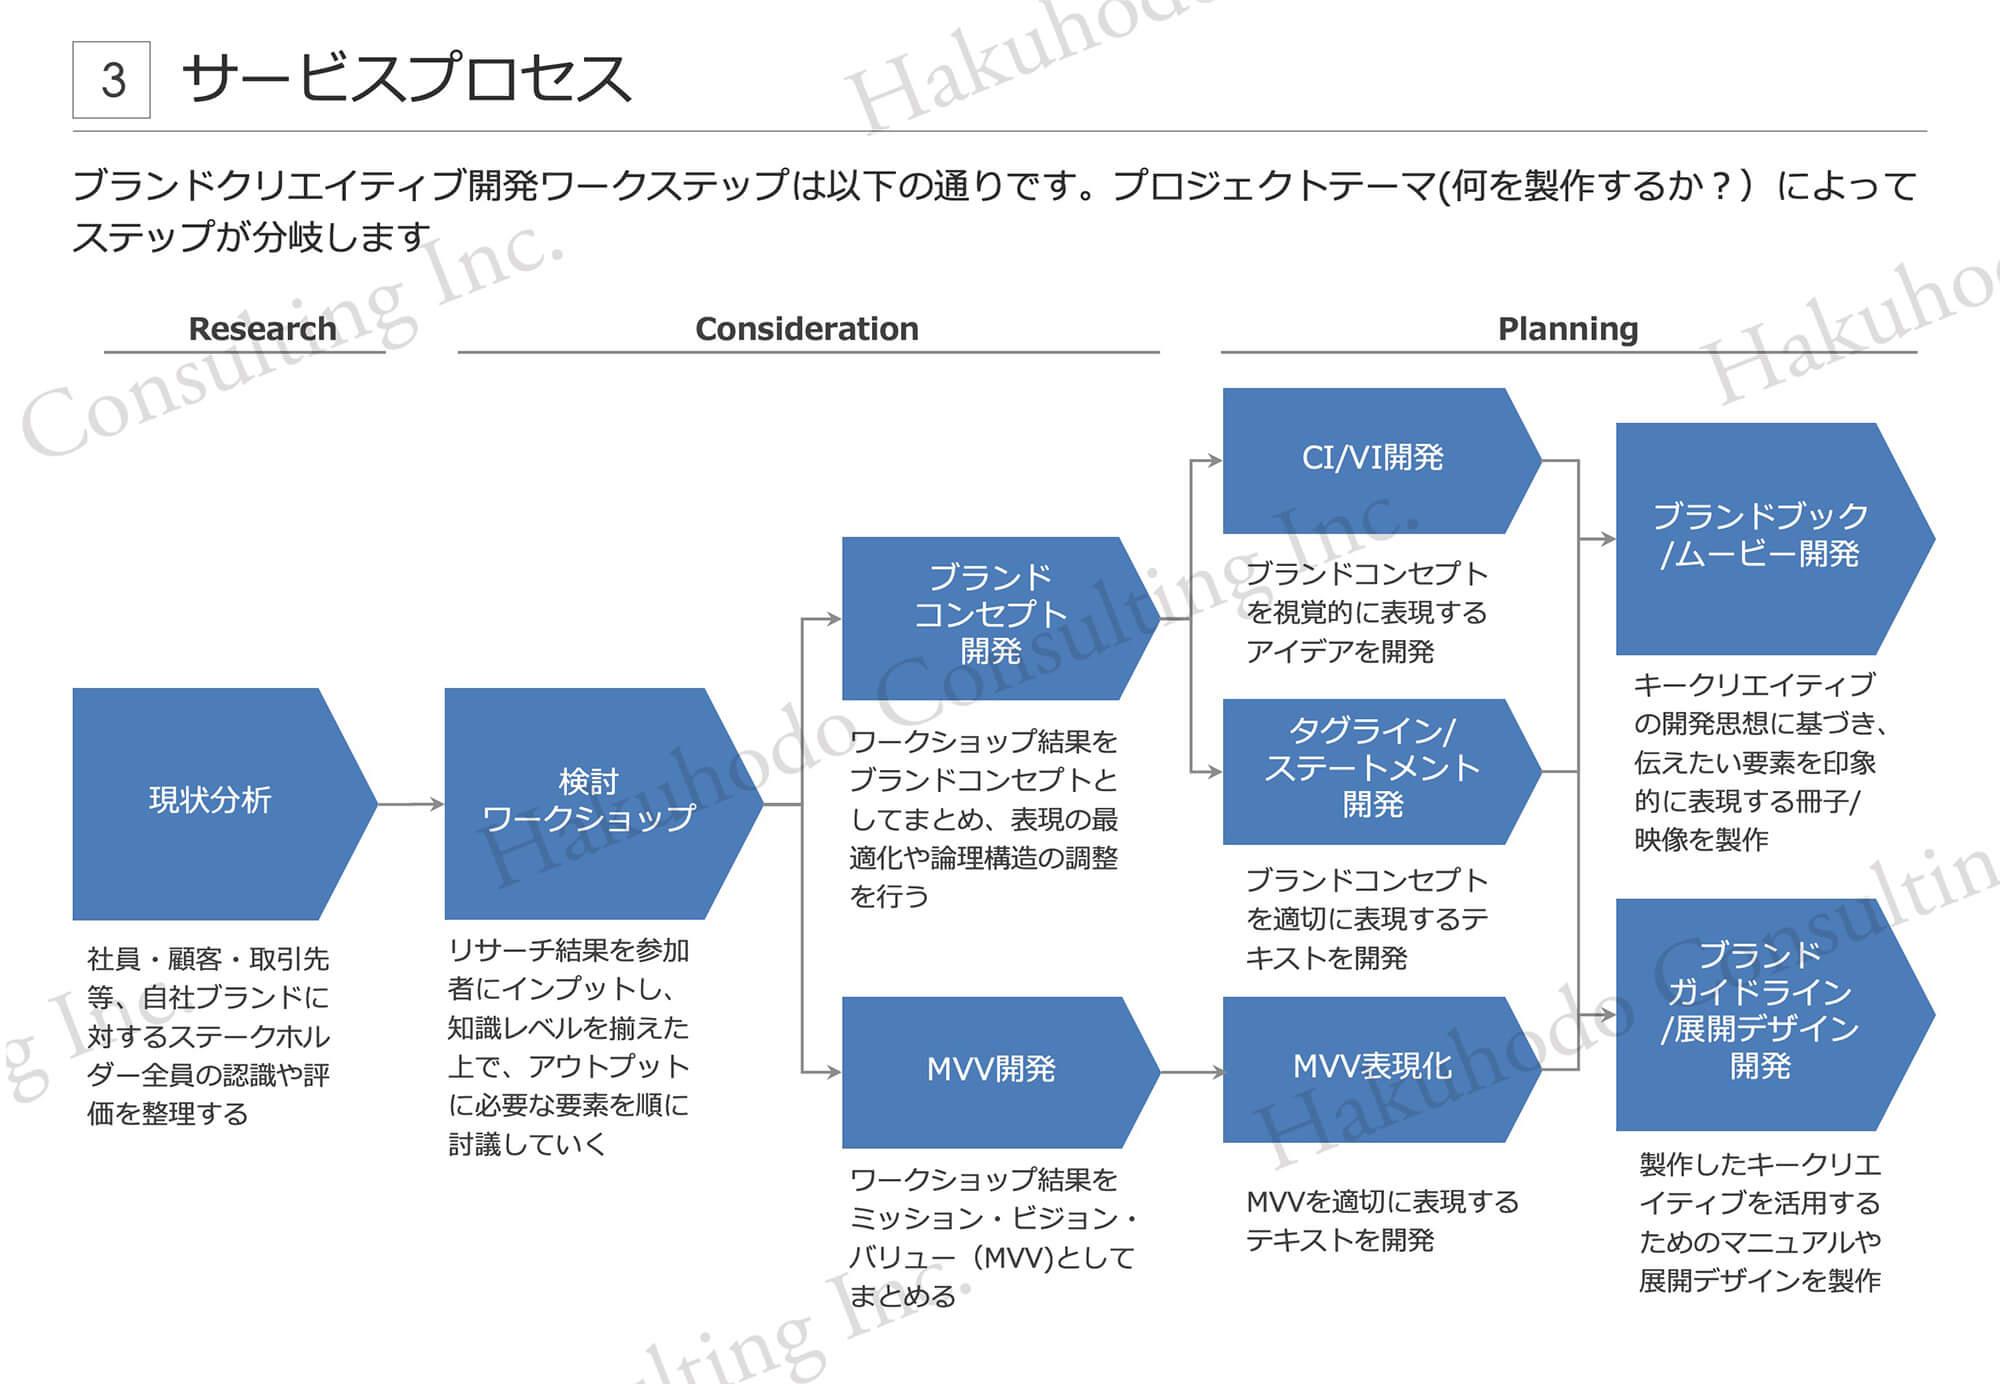 ブランドクリエイティブ開発ワークステップは以下の通りです。プロジェクトテーマ(何を製作するか︖)によってステップが分岐します